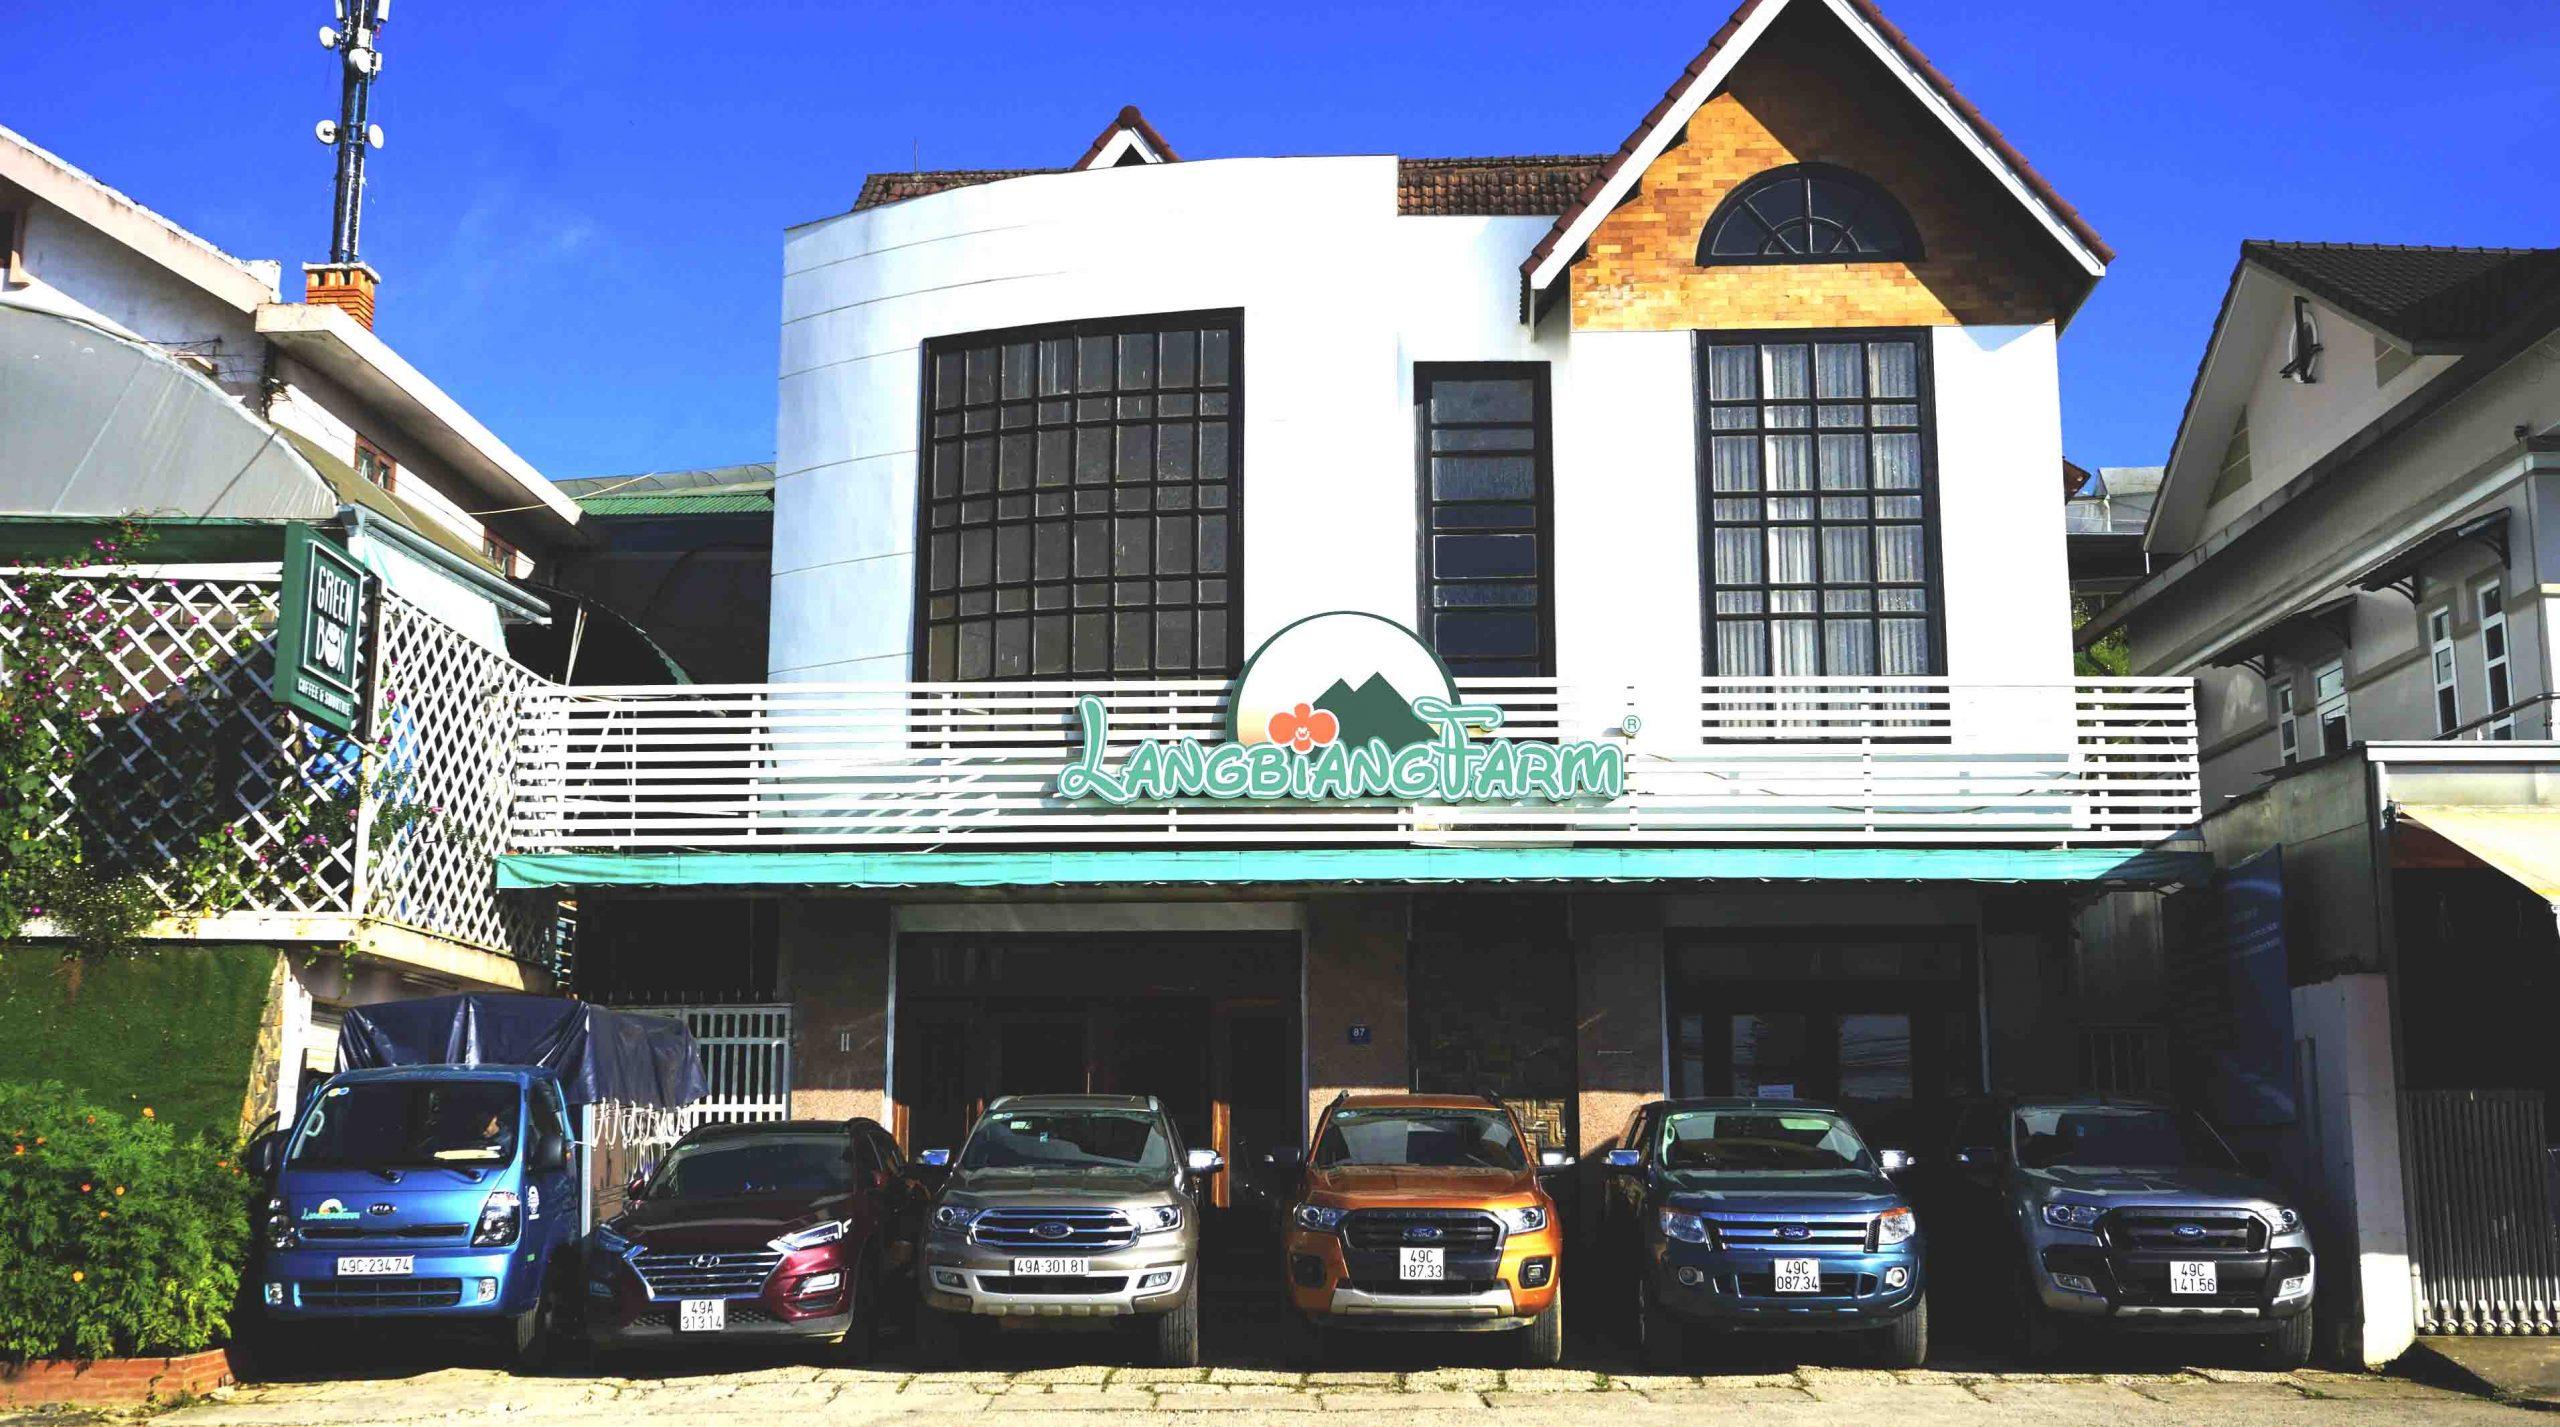 Mặt trước trụ sở công ty Langbiang Farm